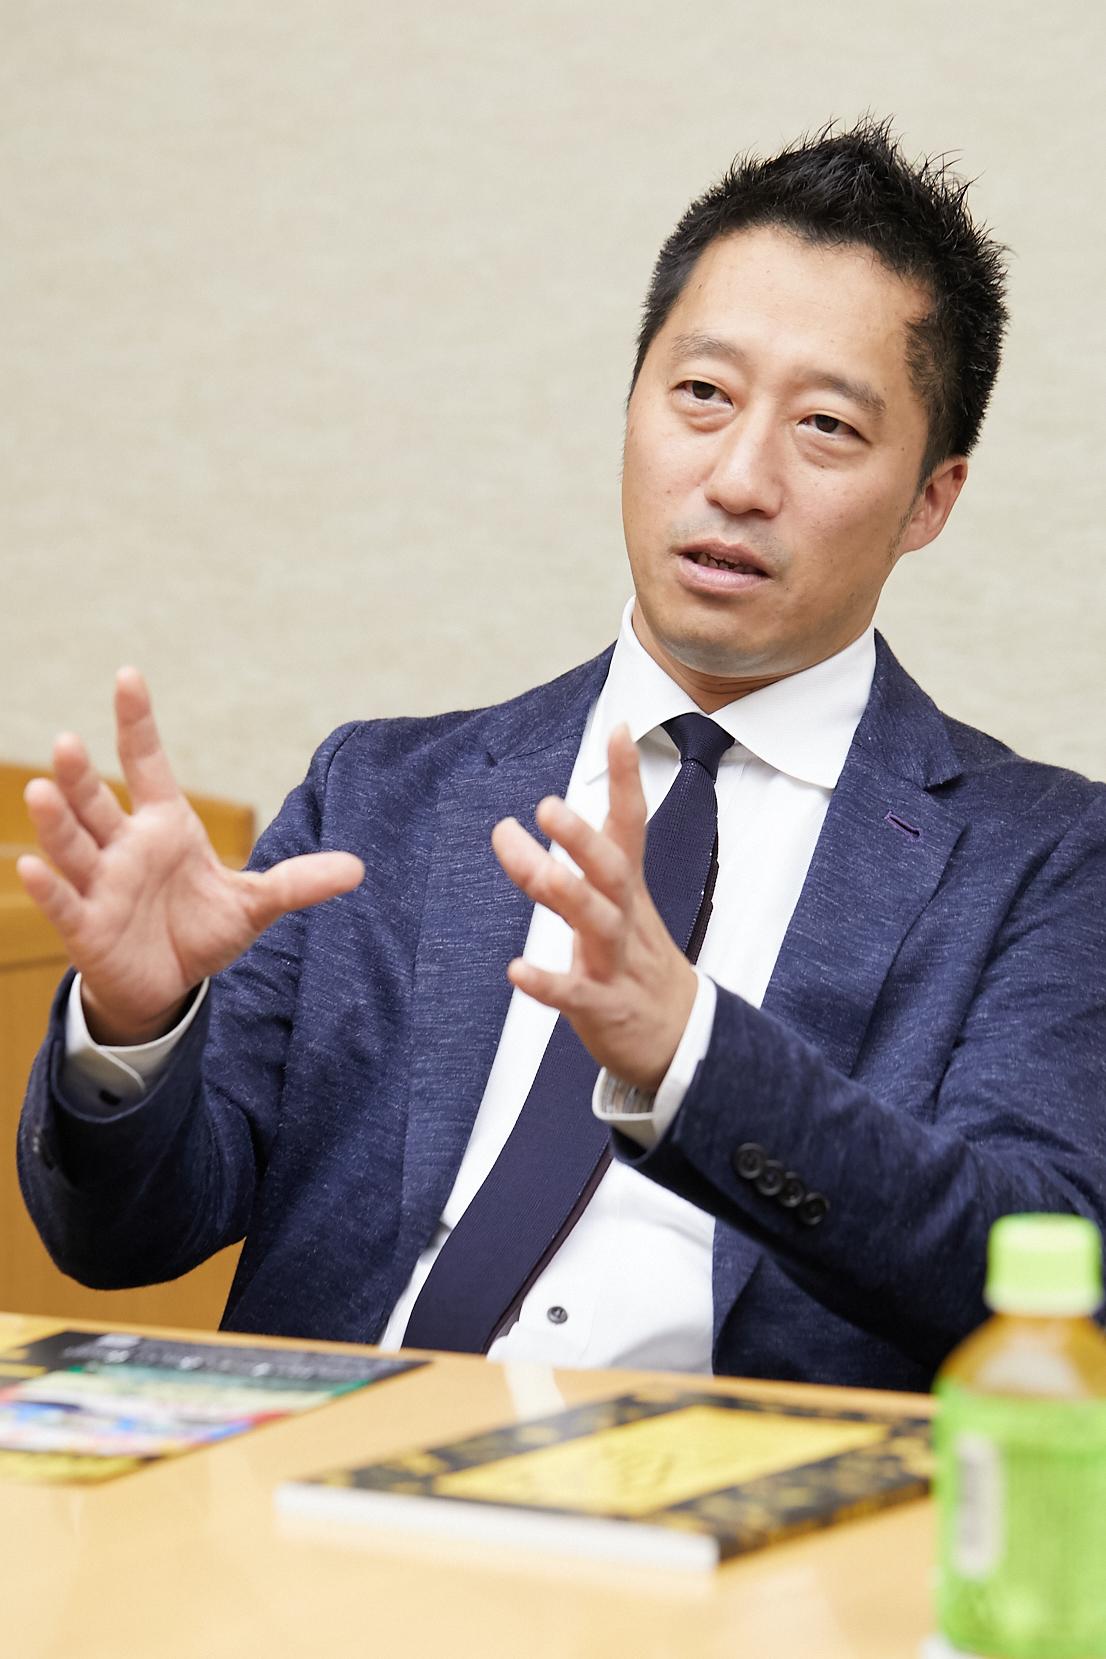 池田祥三(いけだしょうぞう) 東美青年会理事長。いけだ古美術代表取締役。日本、中国を中心に、 考古美術や金石古陶磁、 仏教美術などを扱う。